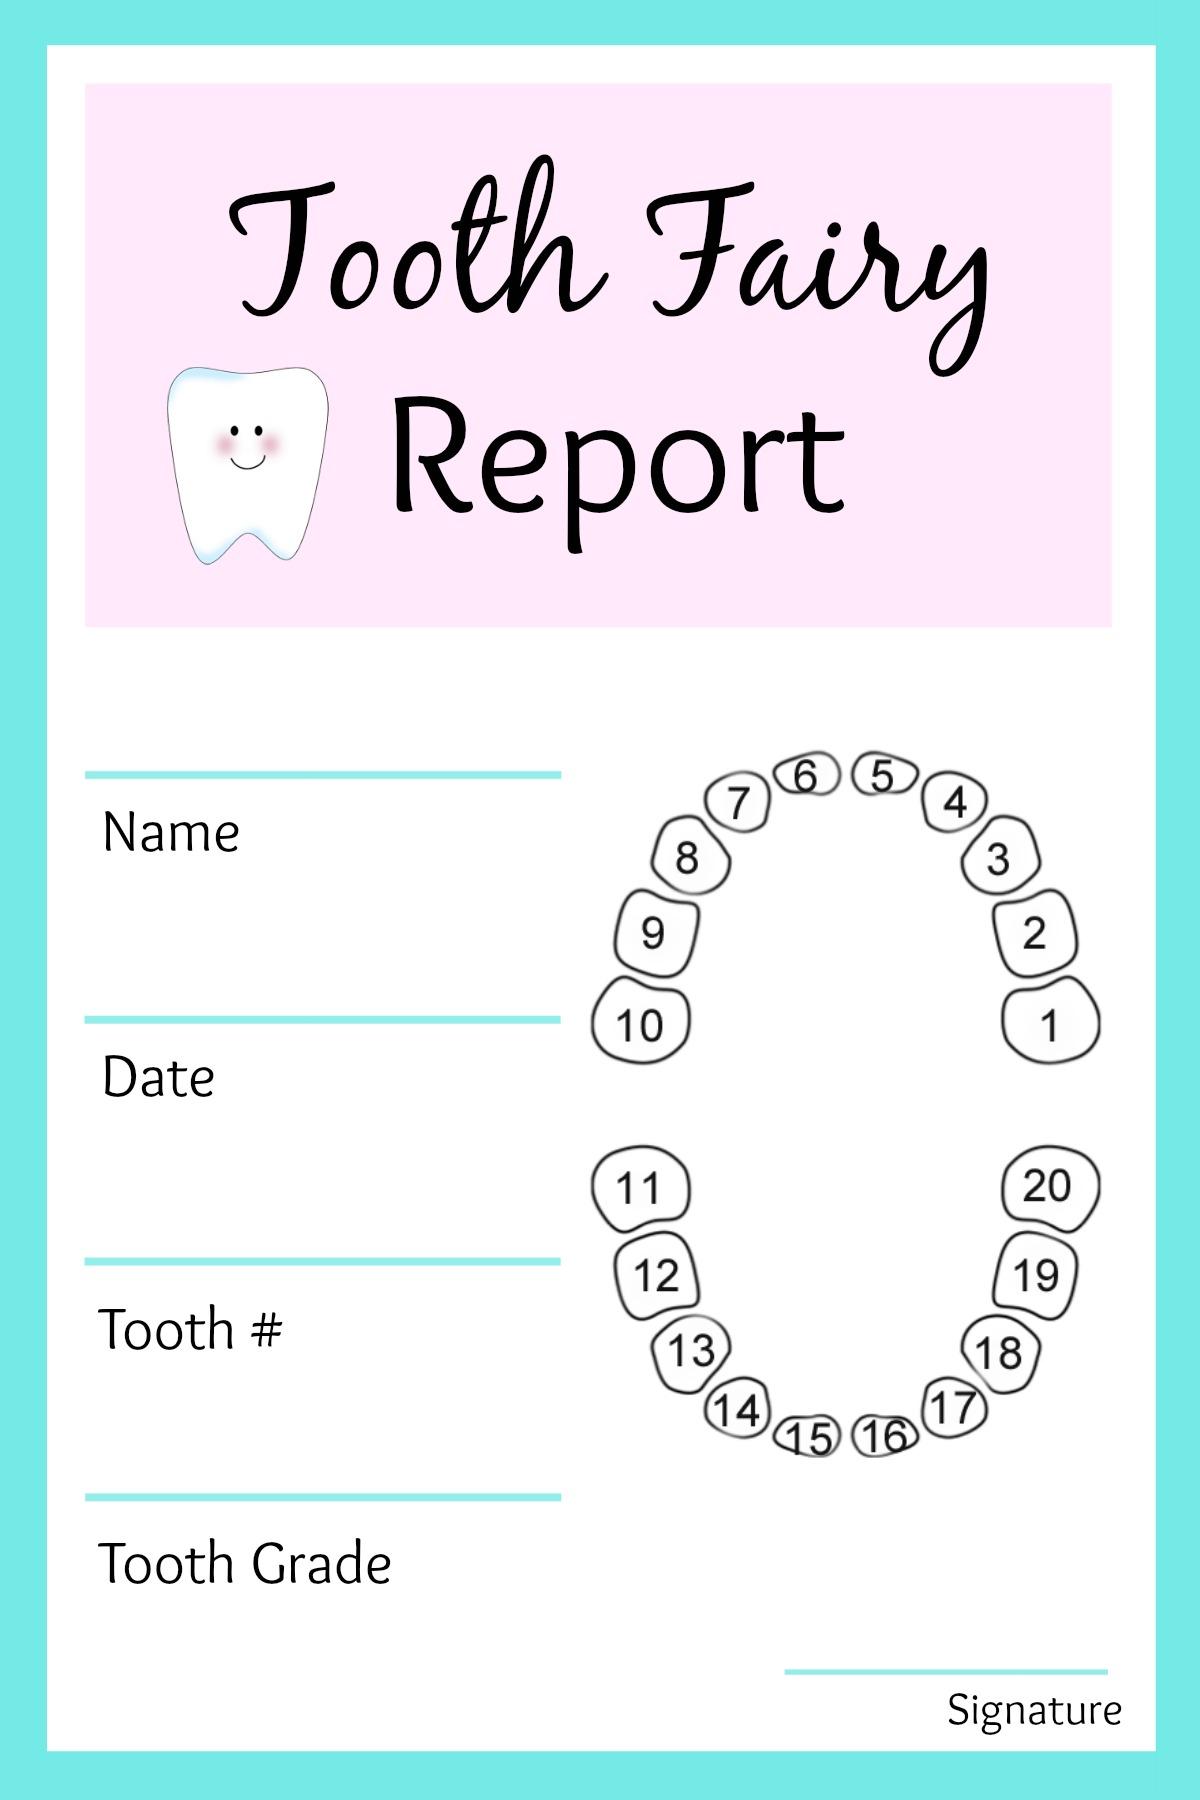 Tooth Fairy Receipt Printable Pdf